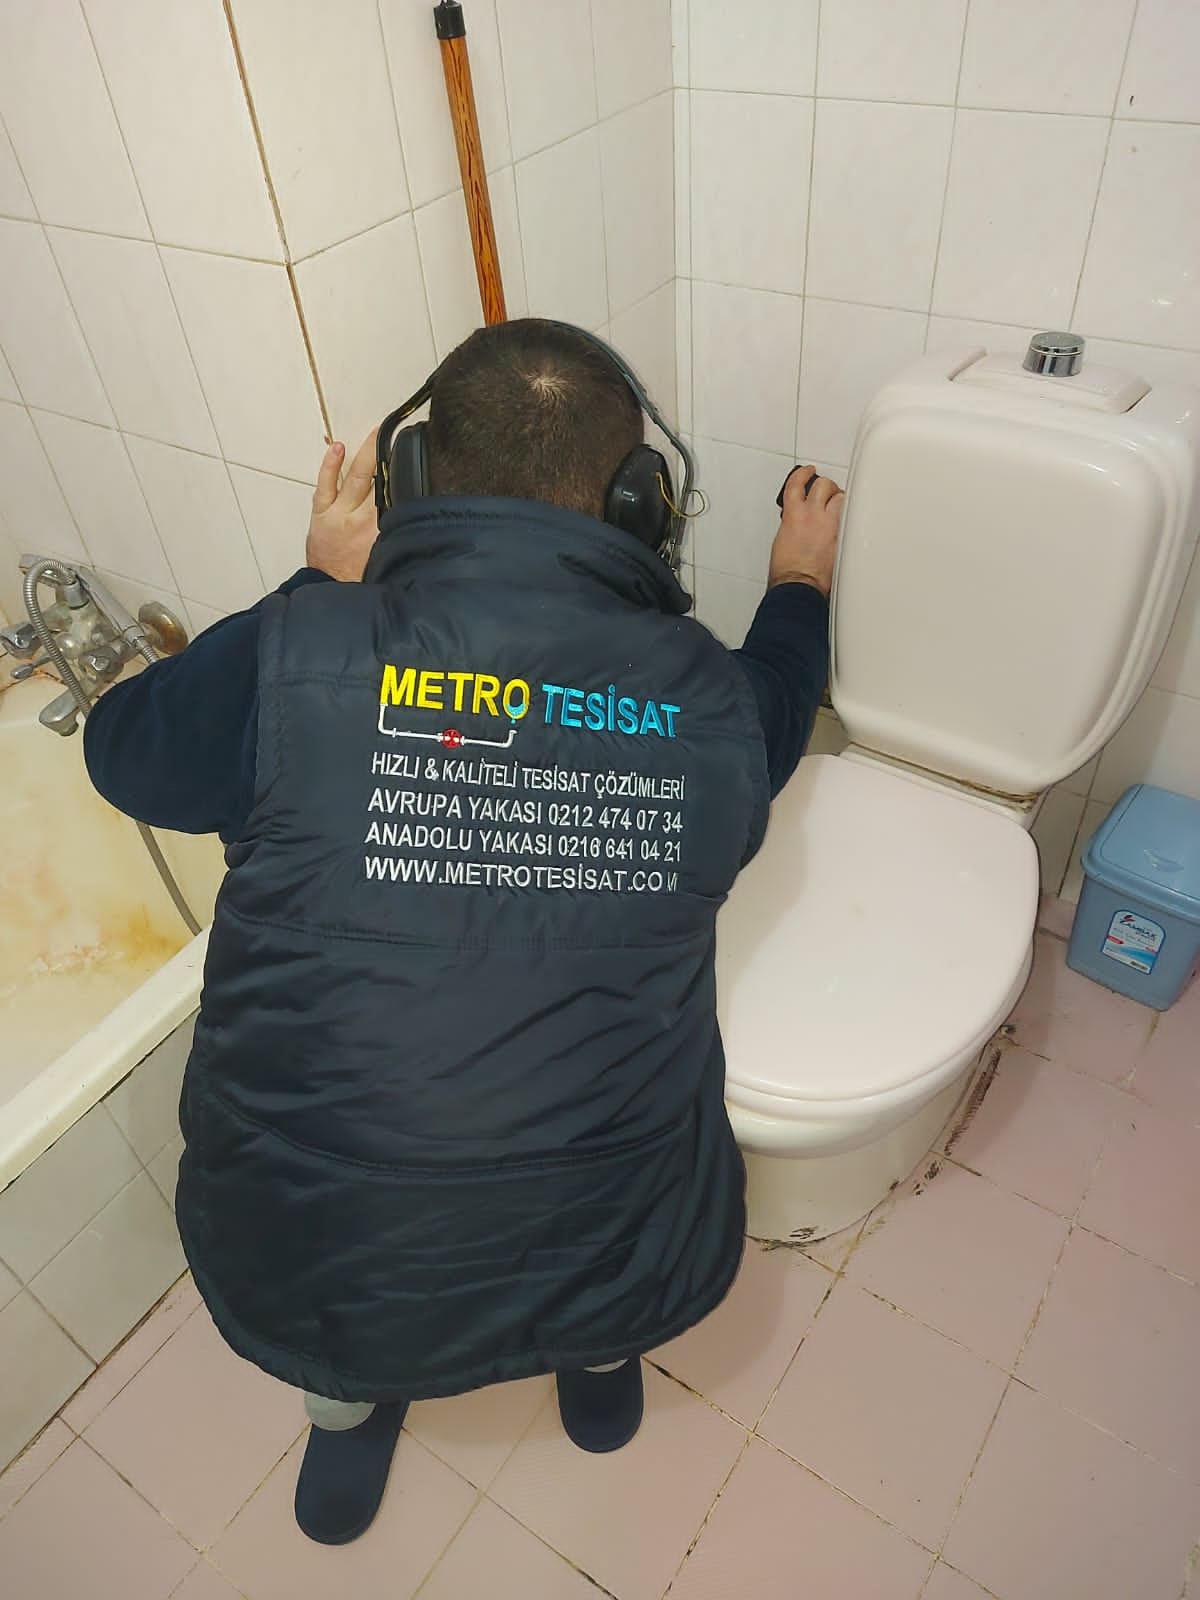 Eyüpsultan Tuvalet Tıkanıklığı Açma, Eyüpsultan Tıkanıklık Açma, Eyüpsultan Kırmadan Tıkanıklık Açma, Eyüpsultan Lavabo Tıkanıklığı